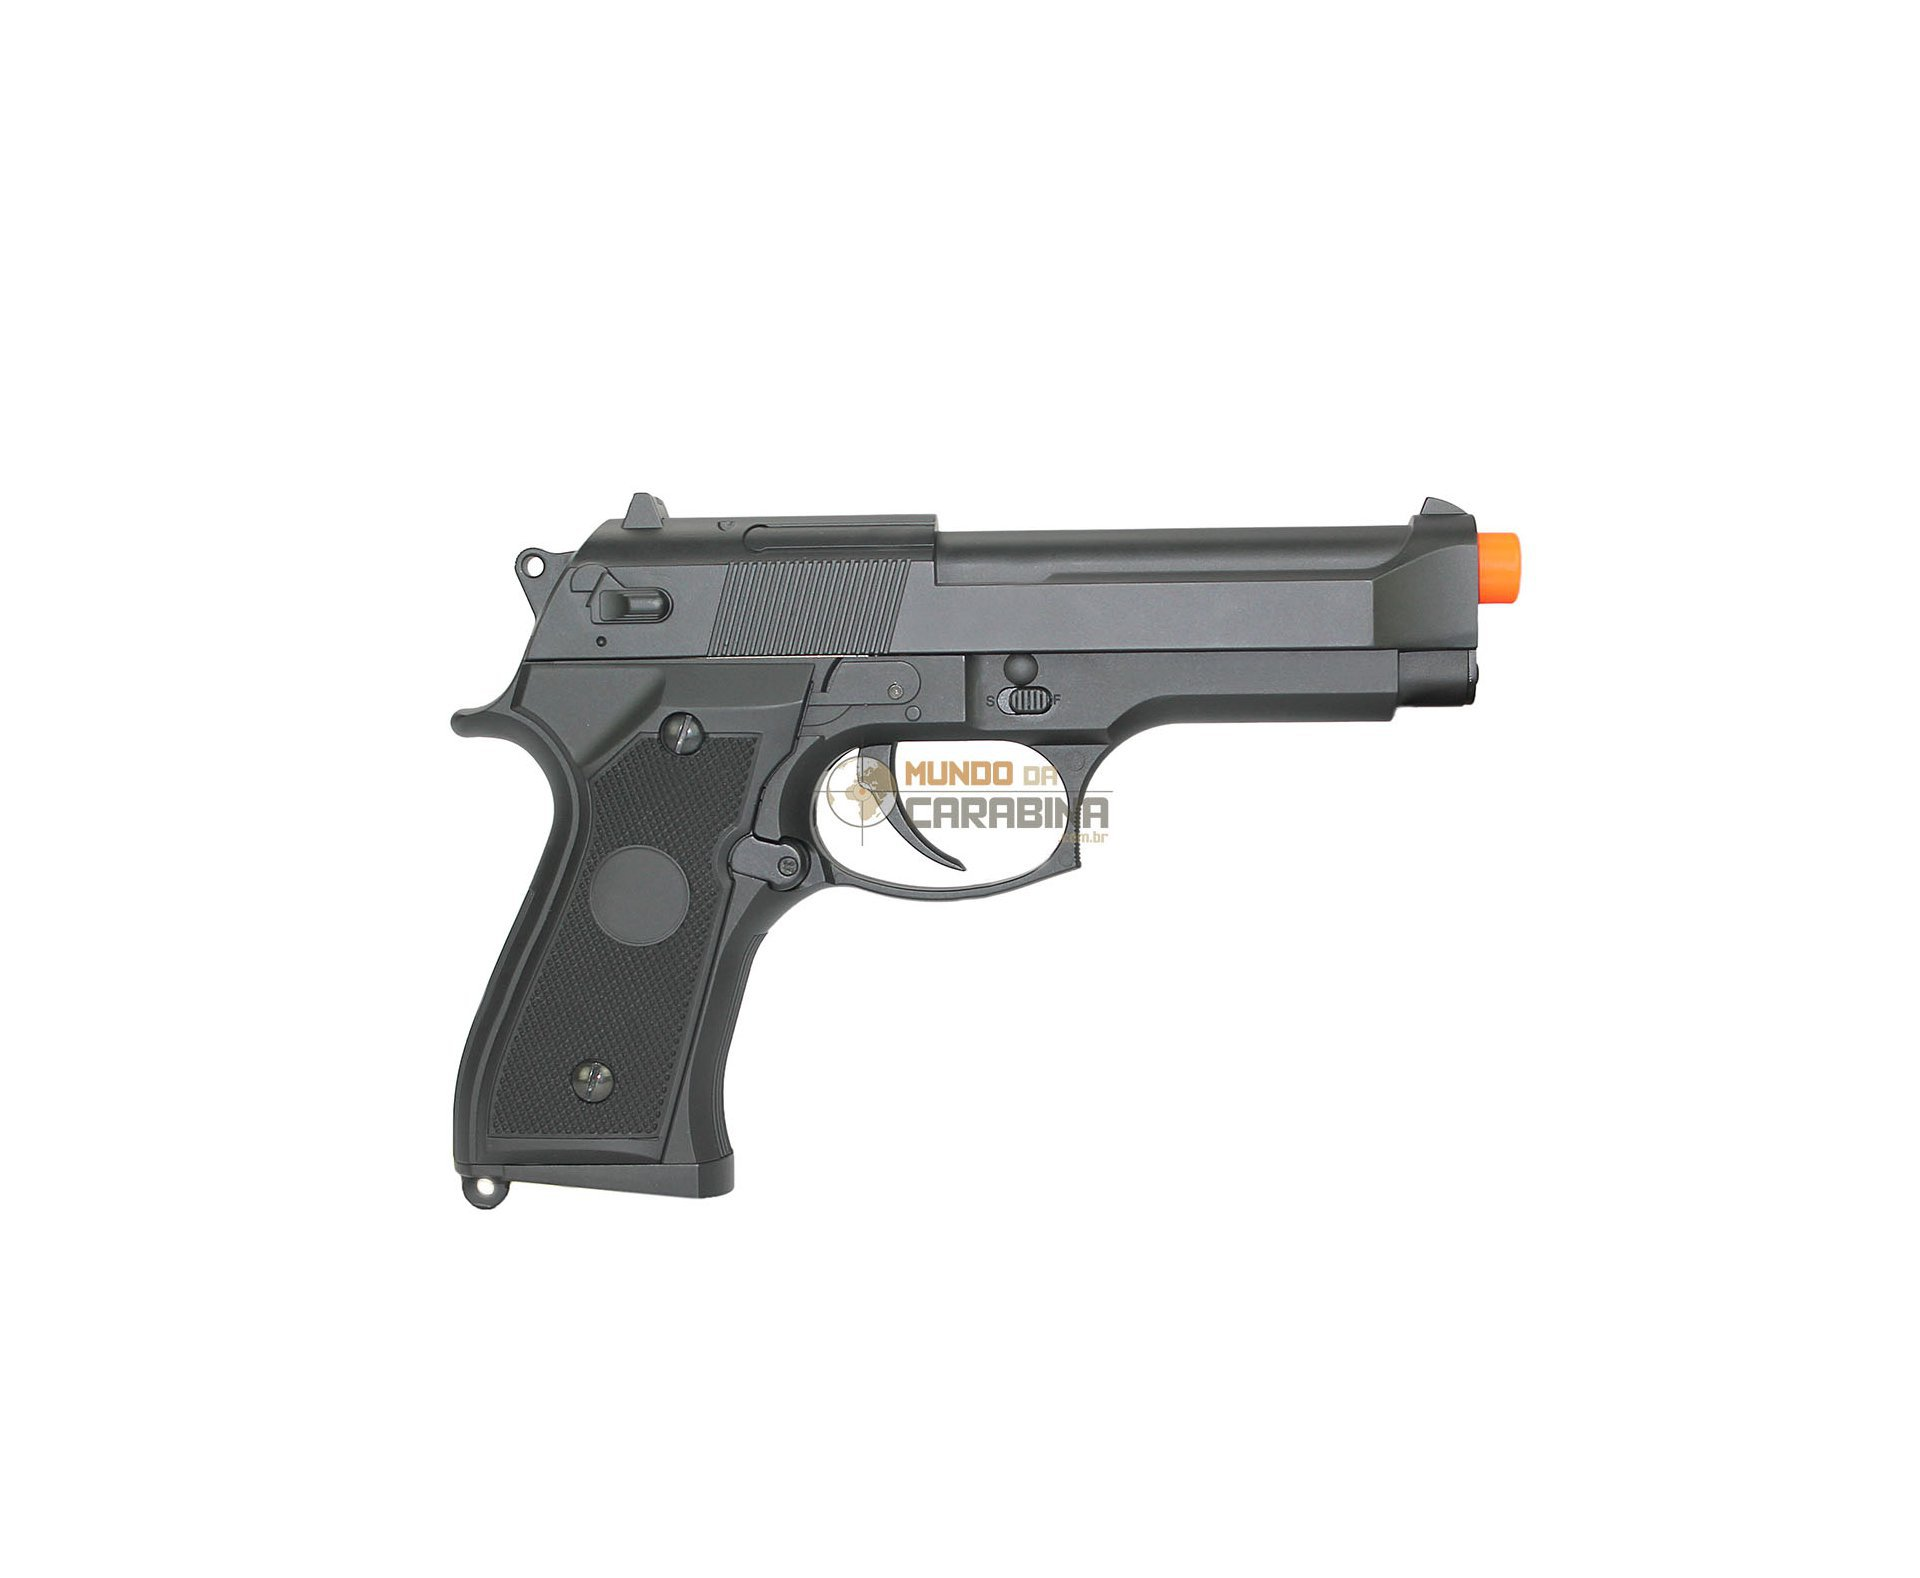 Pistola De Airsoft Bereta M92f Elet. Cm126 Cal 6 Mm Bivolt - Cyma